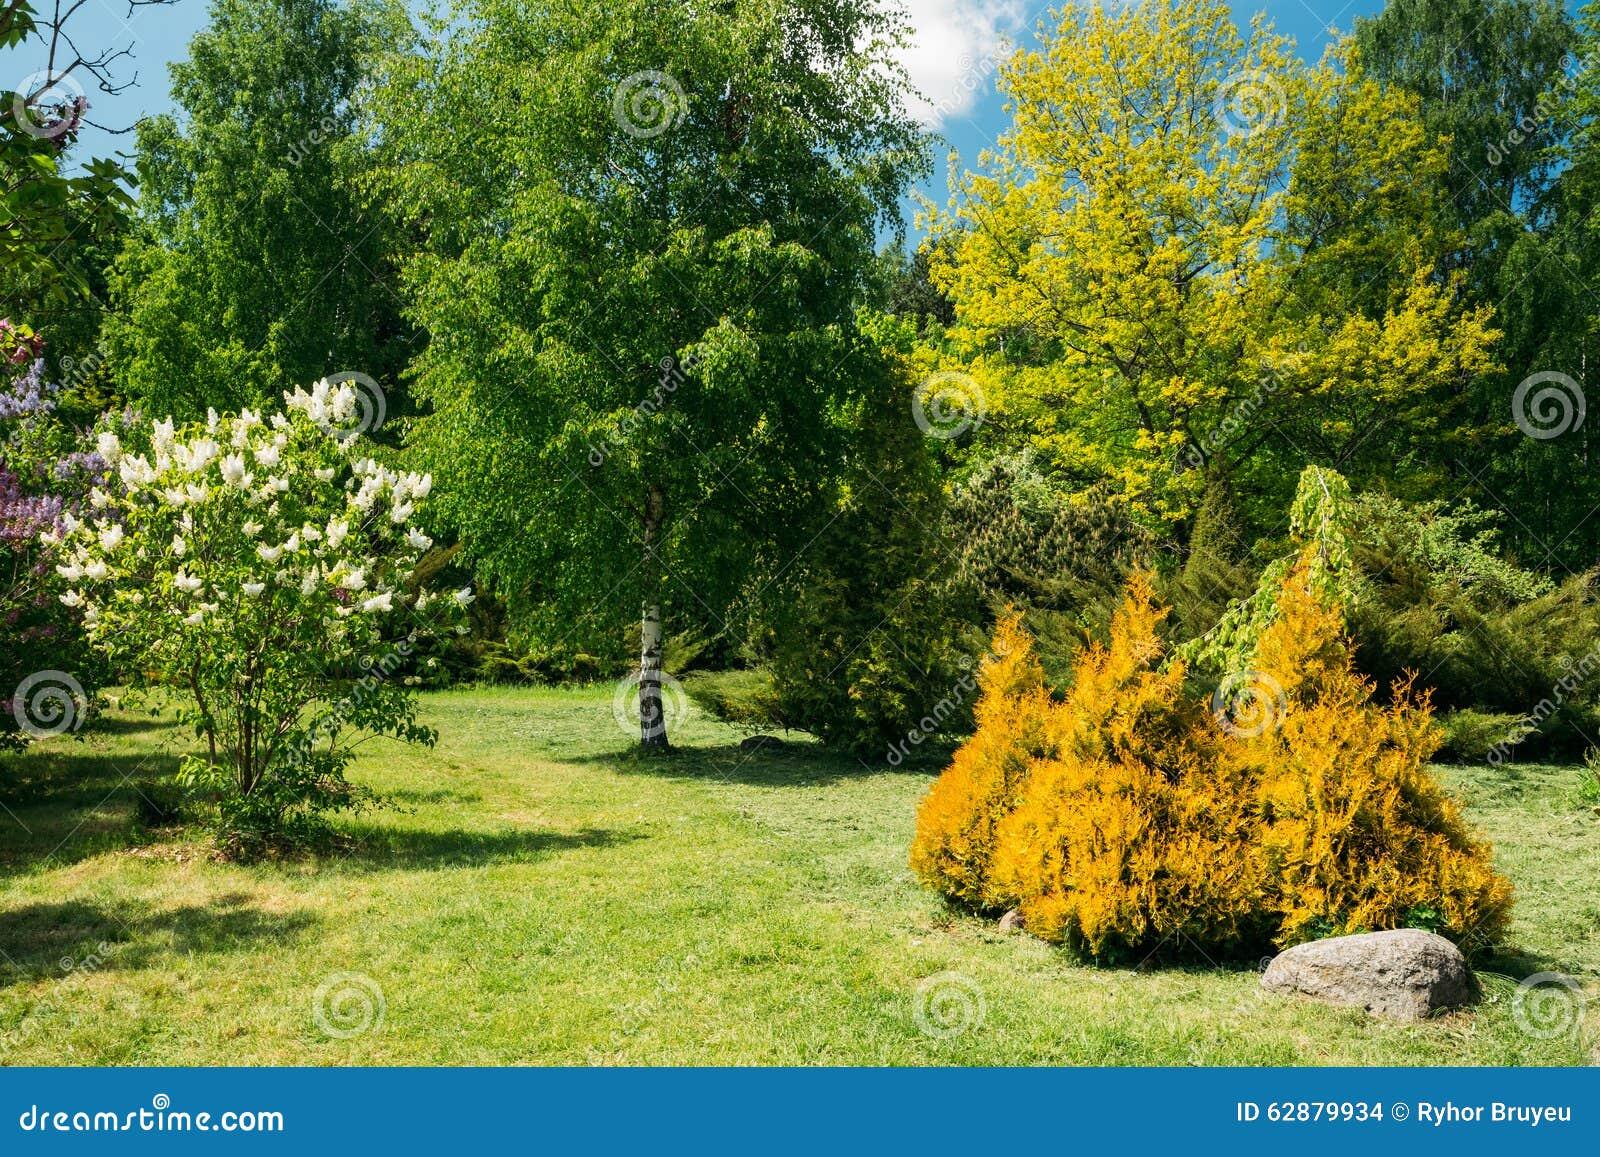 Rboles y arbustos verdes en jard n dise o del jard n foto for Jardines con arboles y arbustos